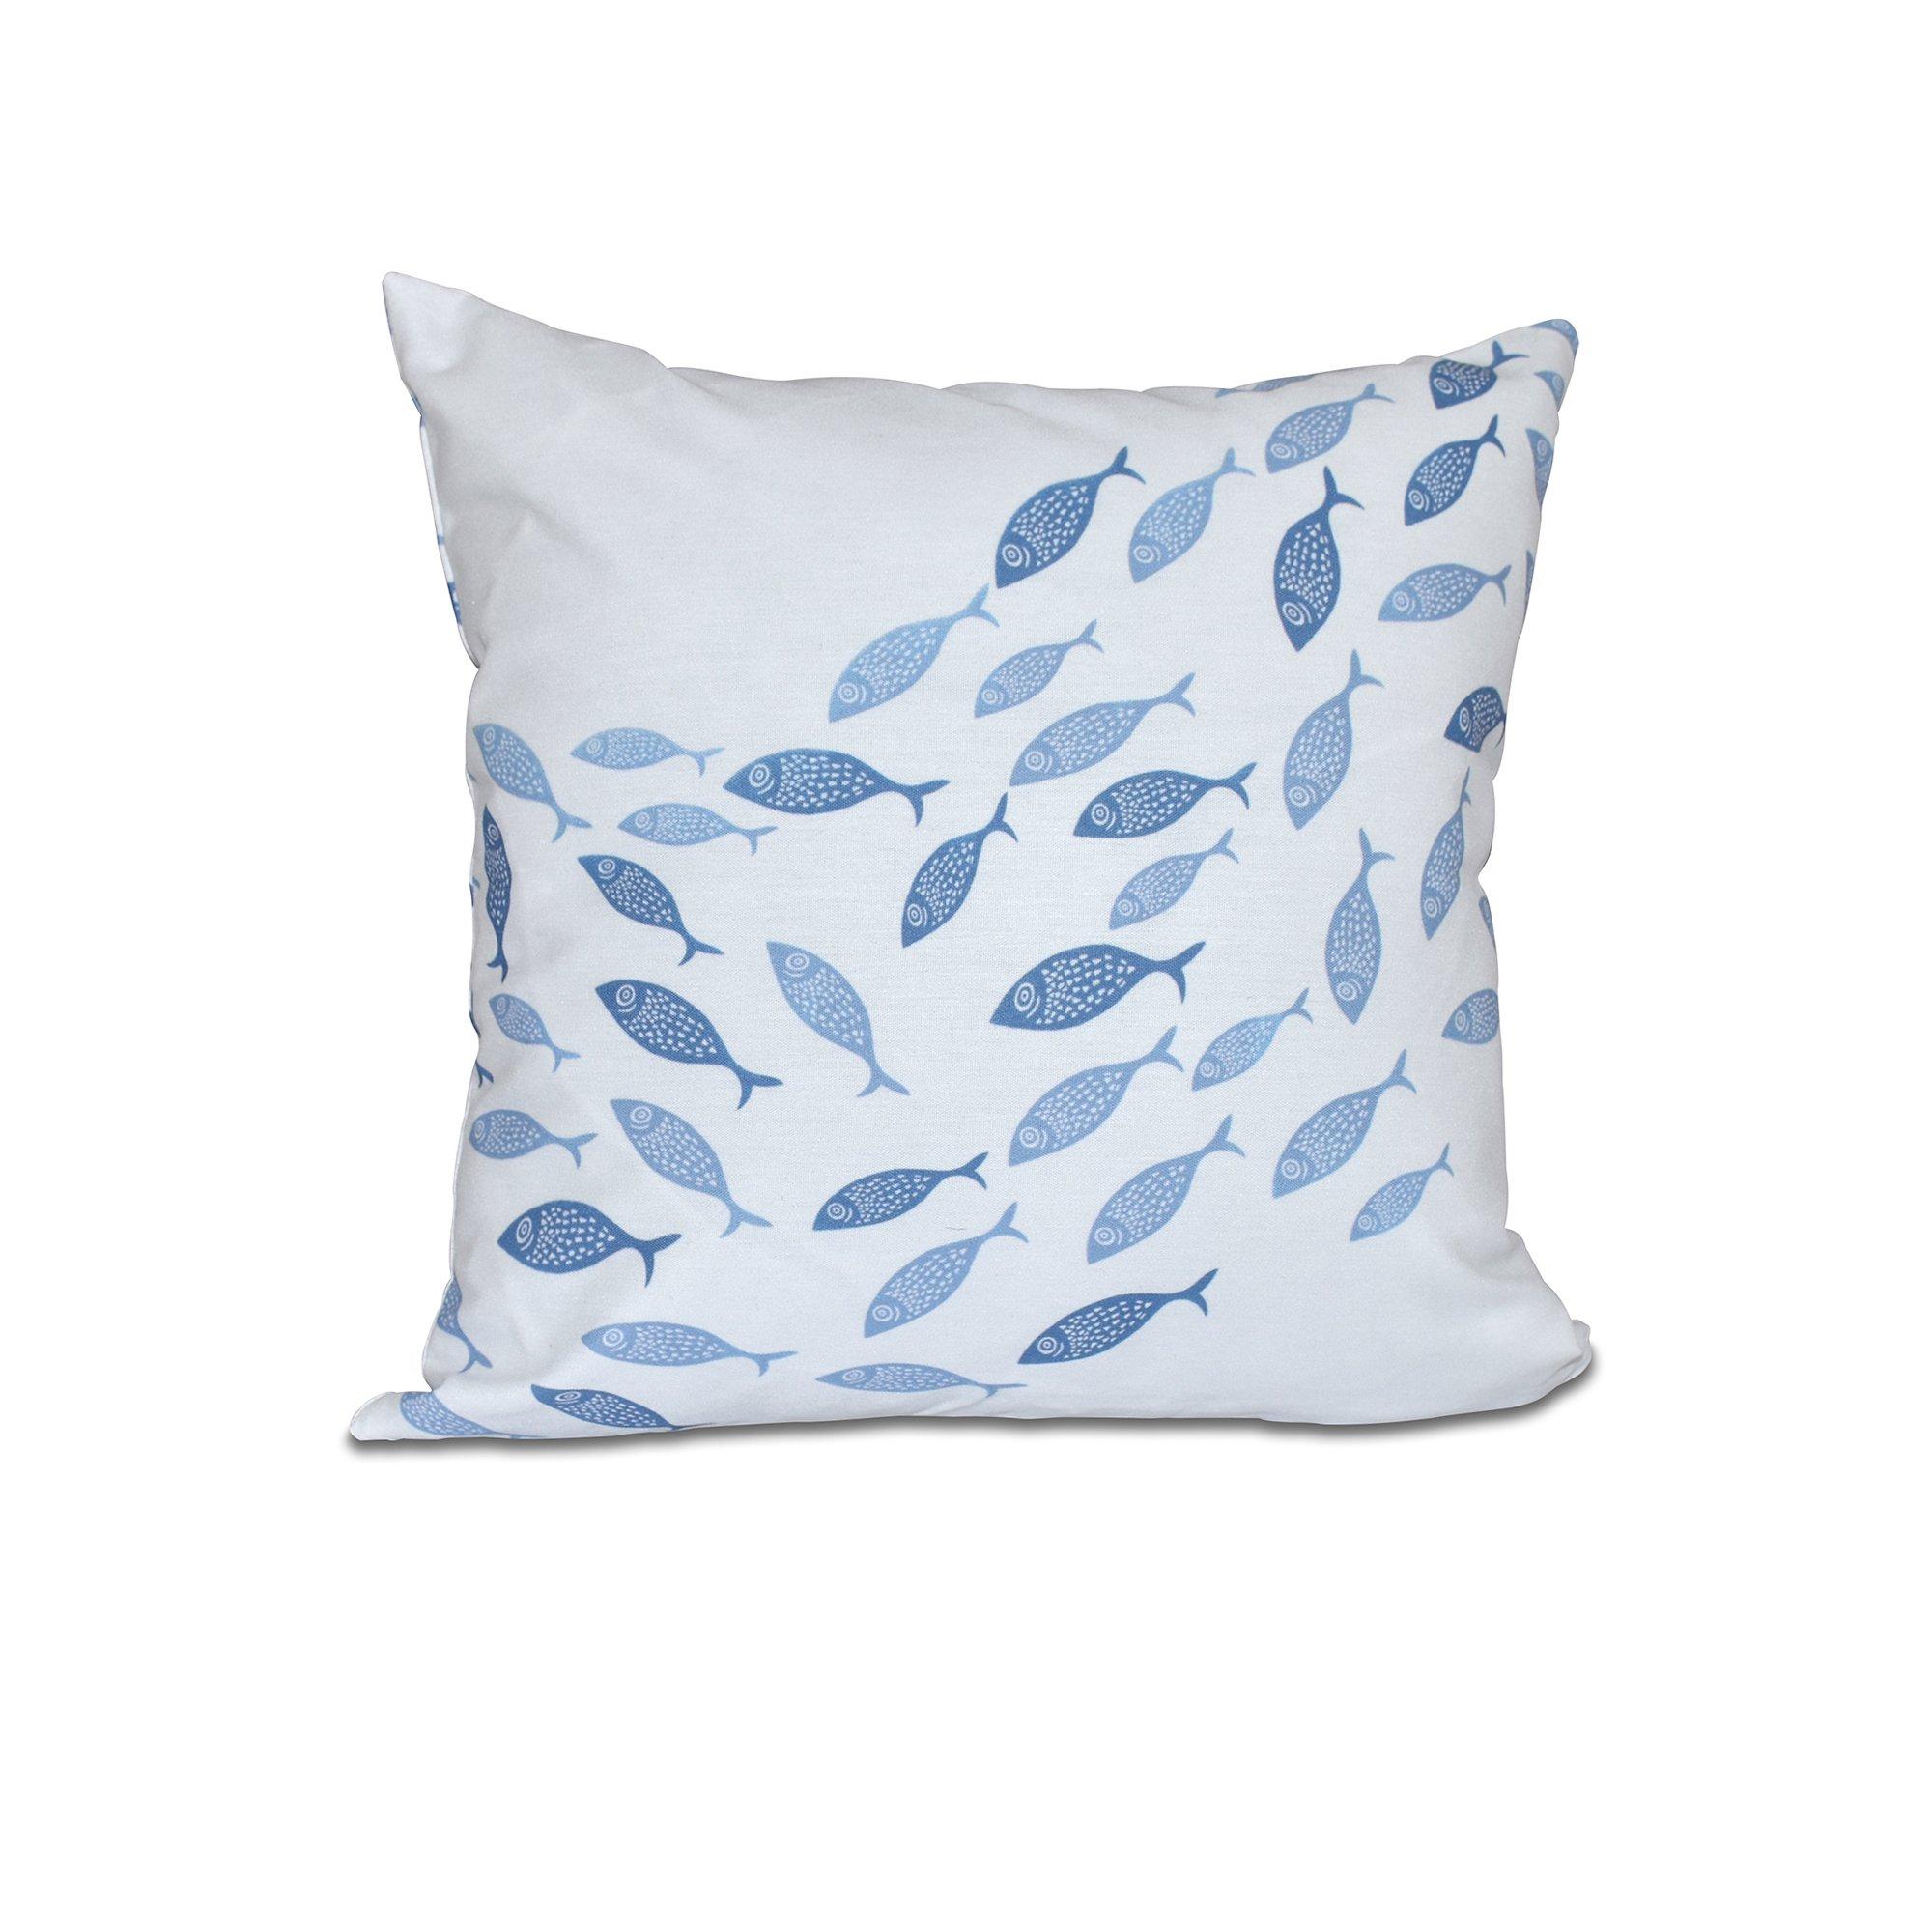 E by design O5PAN423BL15BL16-16 16 x 16 Escuela Animal Print Blue Outdoor Pillow